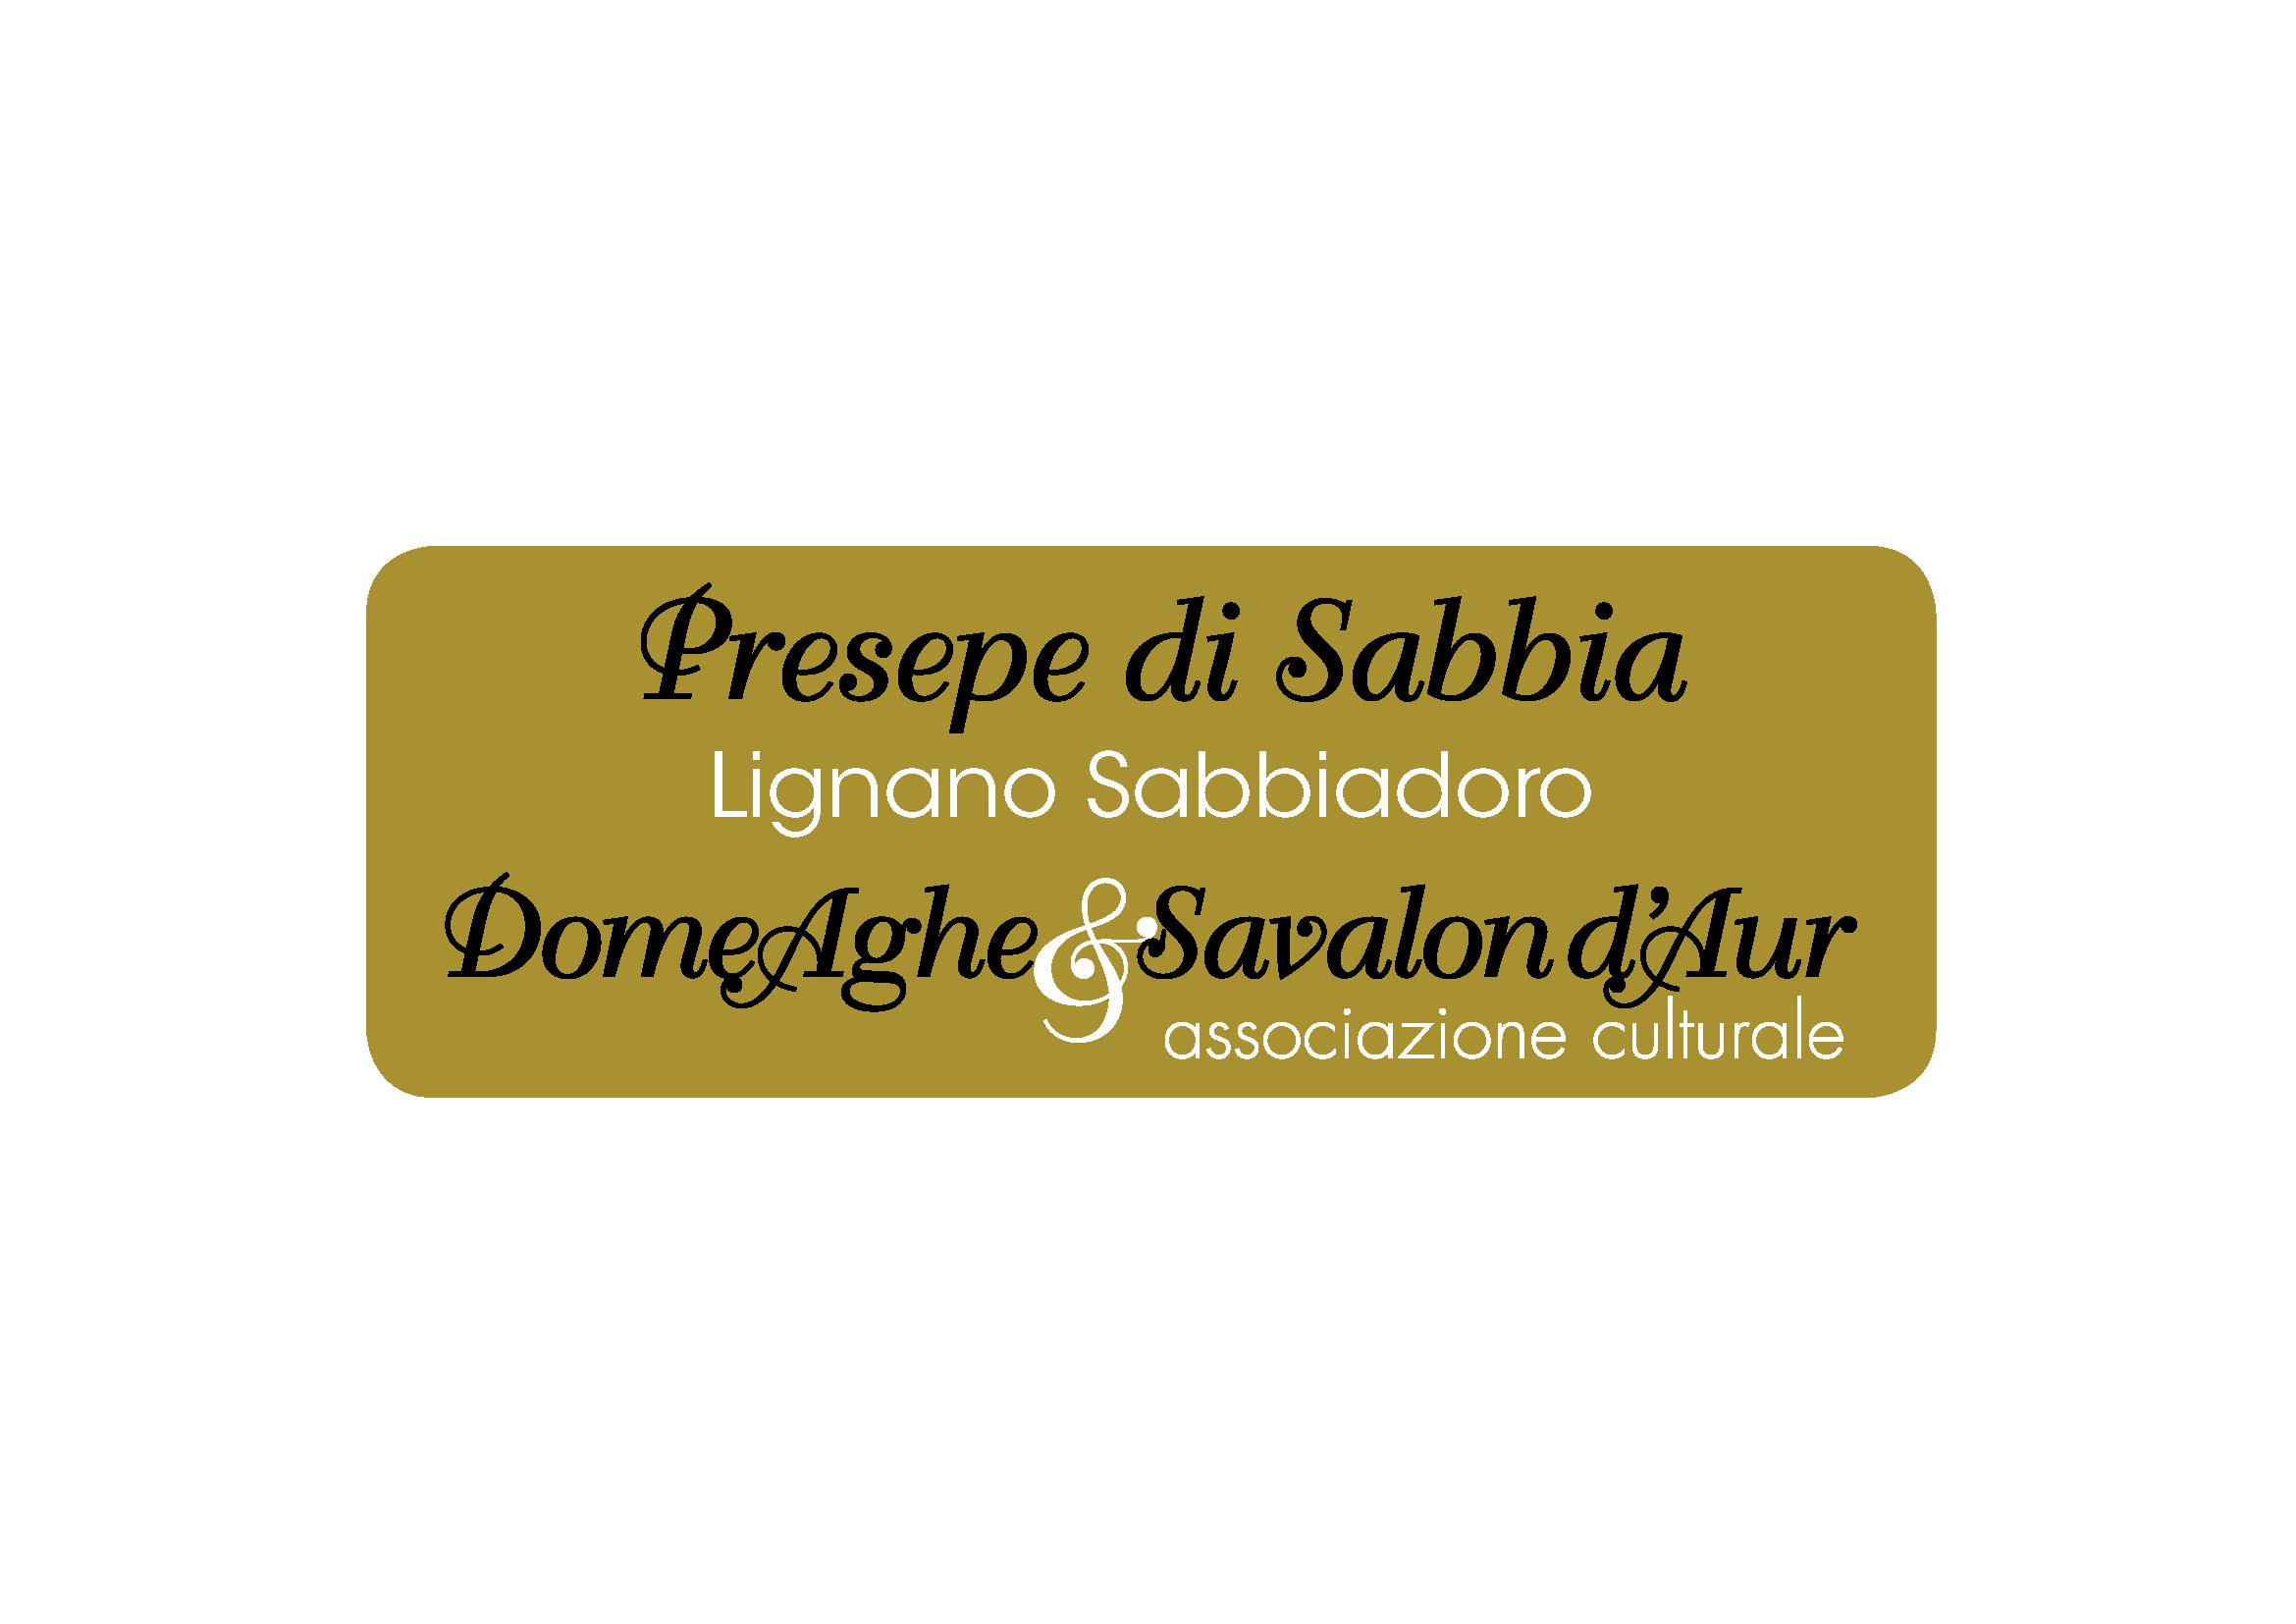 Presepe di Sabbia di Lignano Sabbiadoro - Il sito del Presepe di Lignano